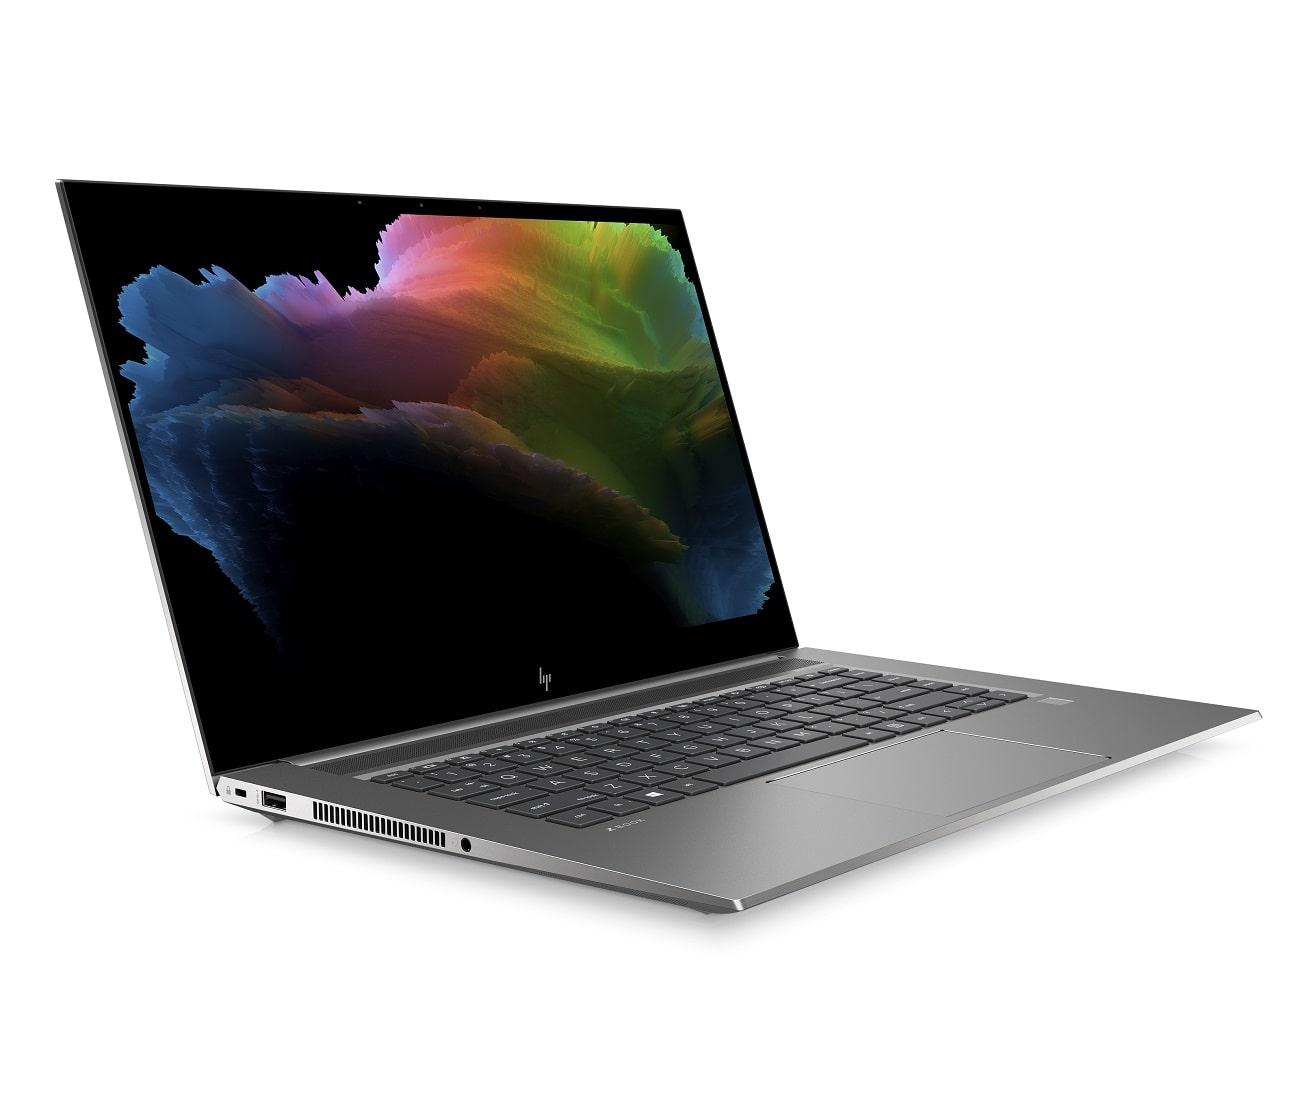 Yaratıcılığı sevenlerin bilgisayarı: HP ZBook Create G7 3